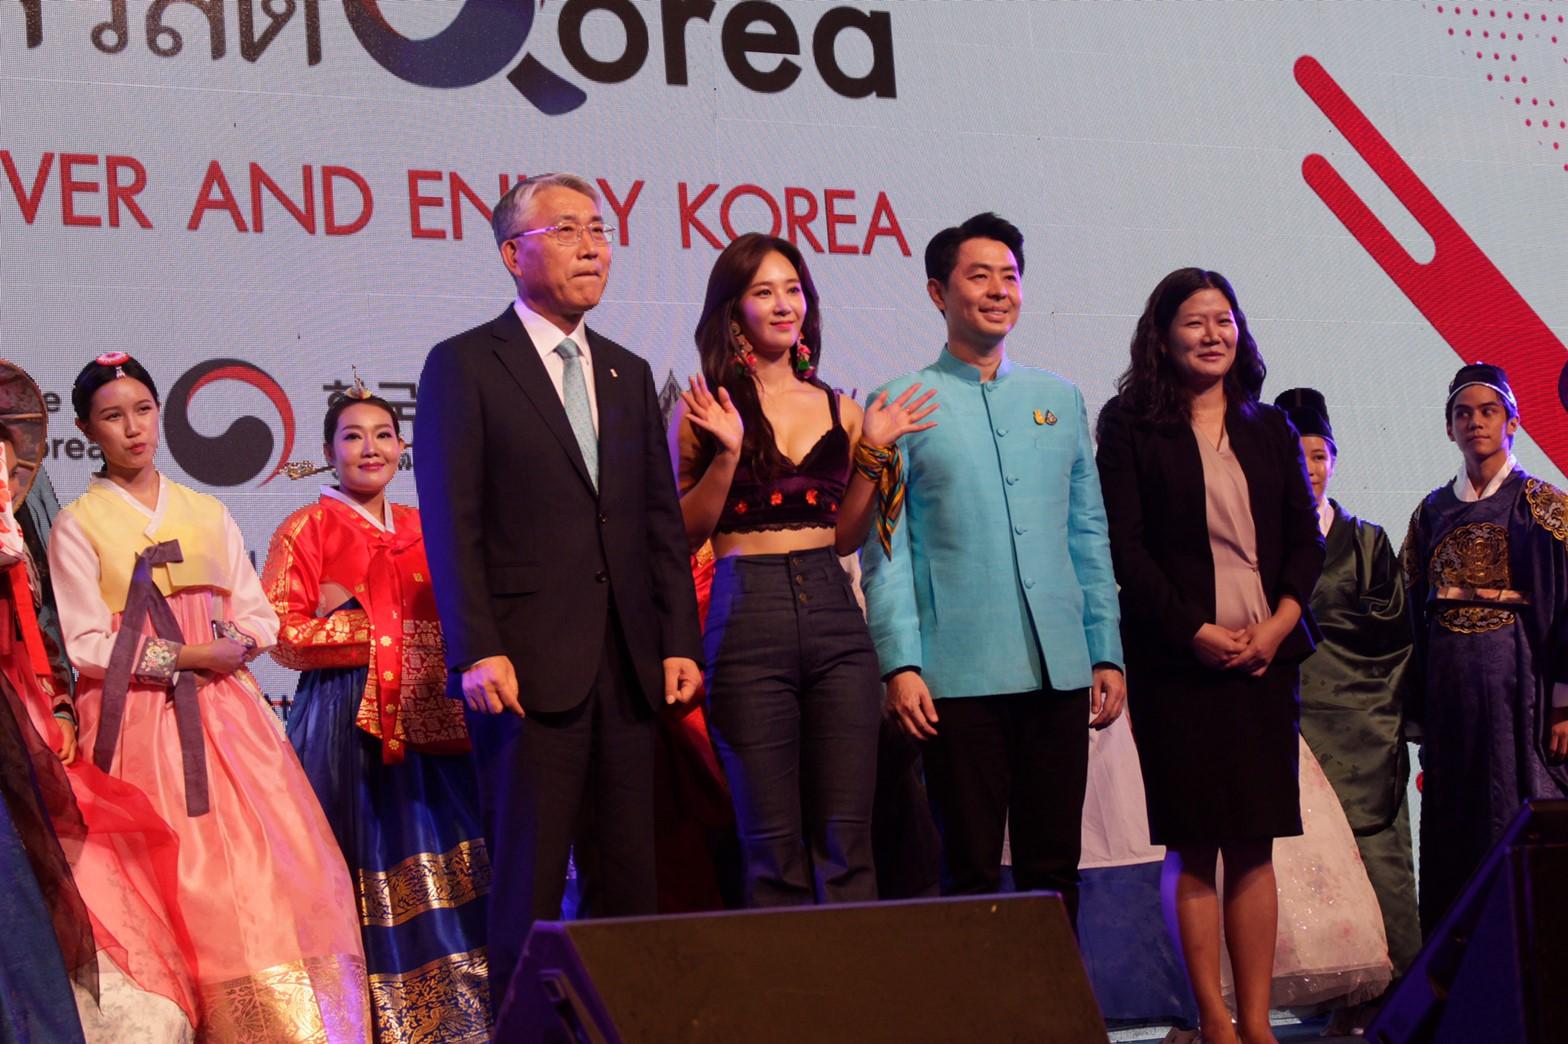 """""""ยูริ"""" นำทีมโชว์สุดพิเศษงาน Annyeong Thailand, Sawasdee Korea 2019 : Discover and Enjoy Korea ทักไทยโซวอน """"คิดถึงมั้ยคะ"""""""